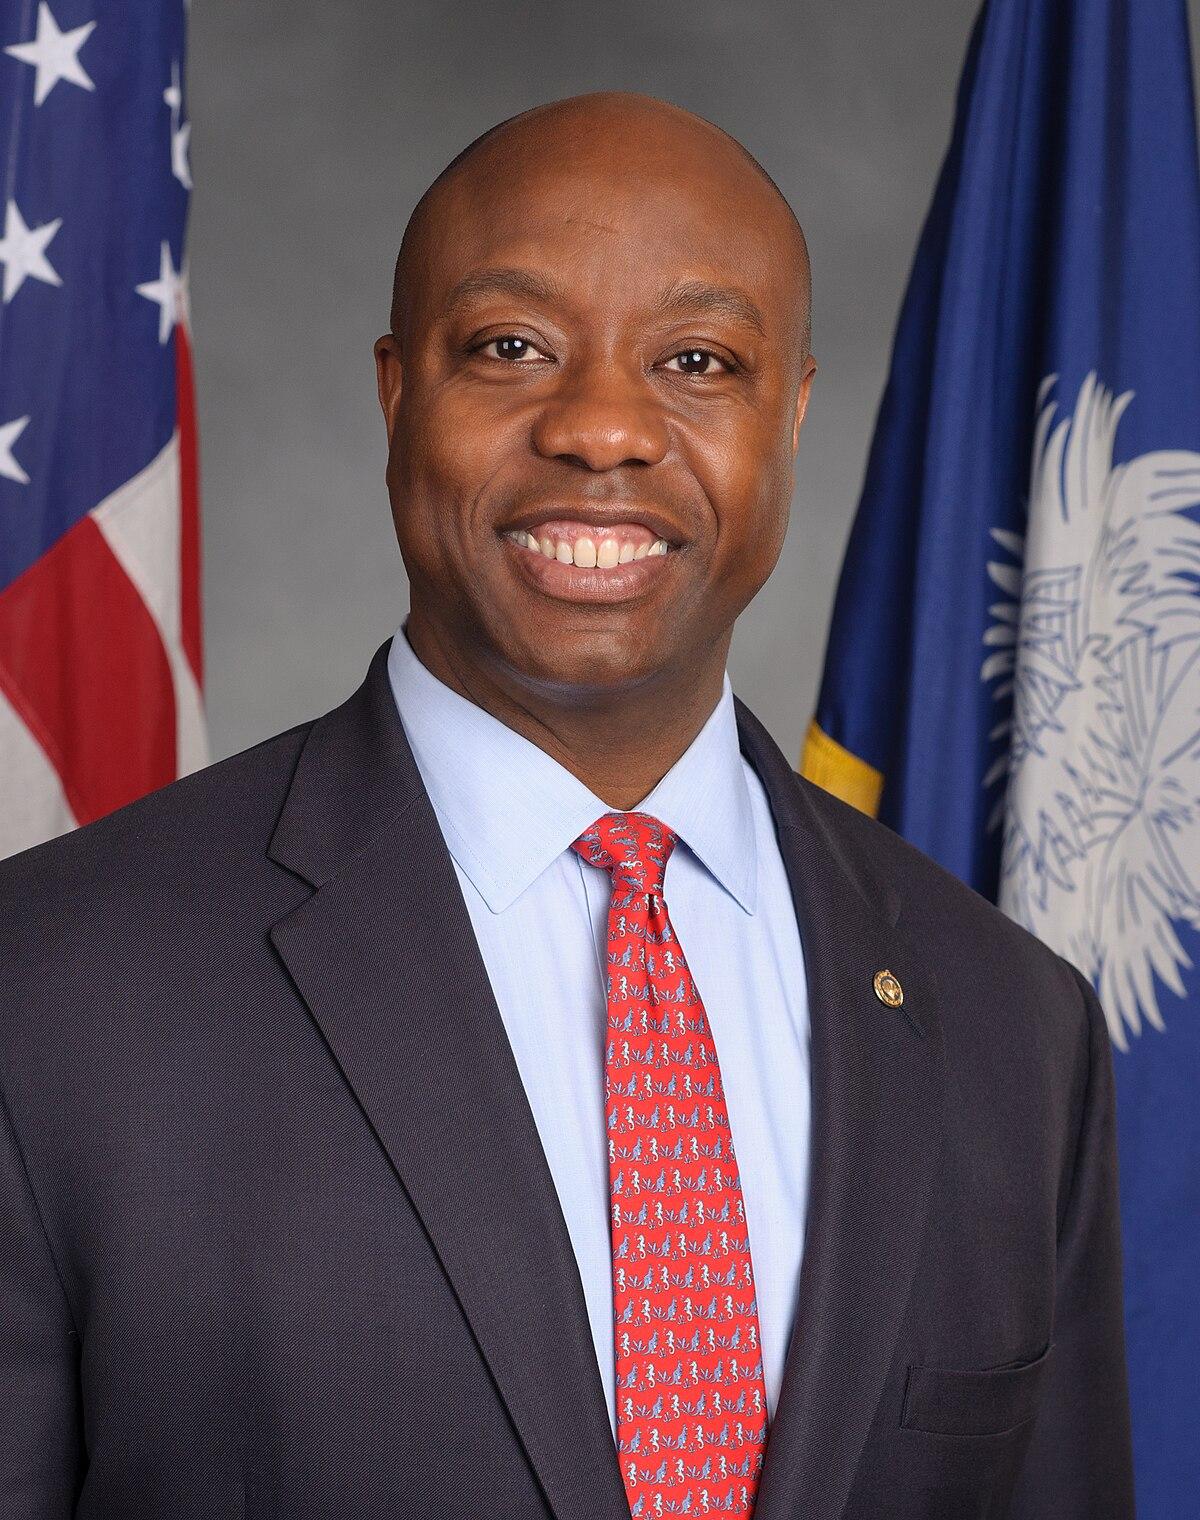 Tim Scott, official portrait, 113th Congress.jpg